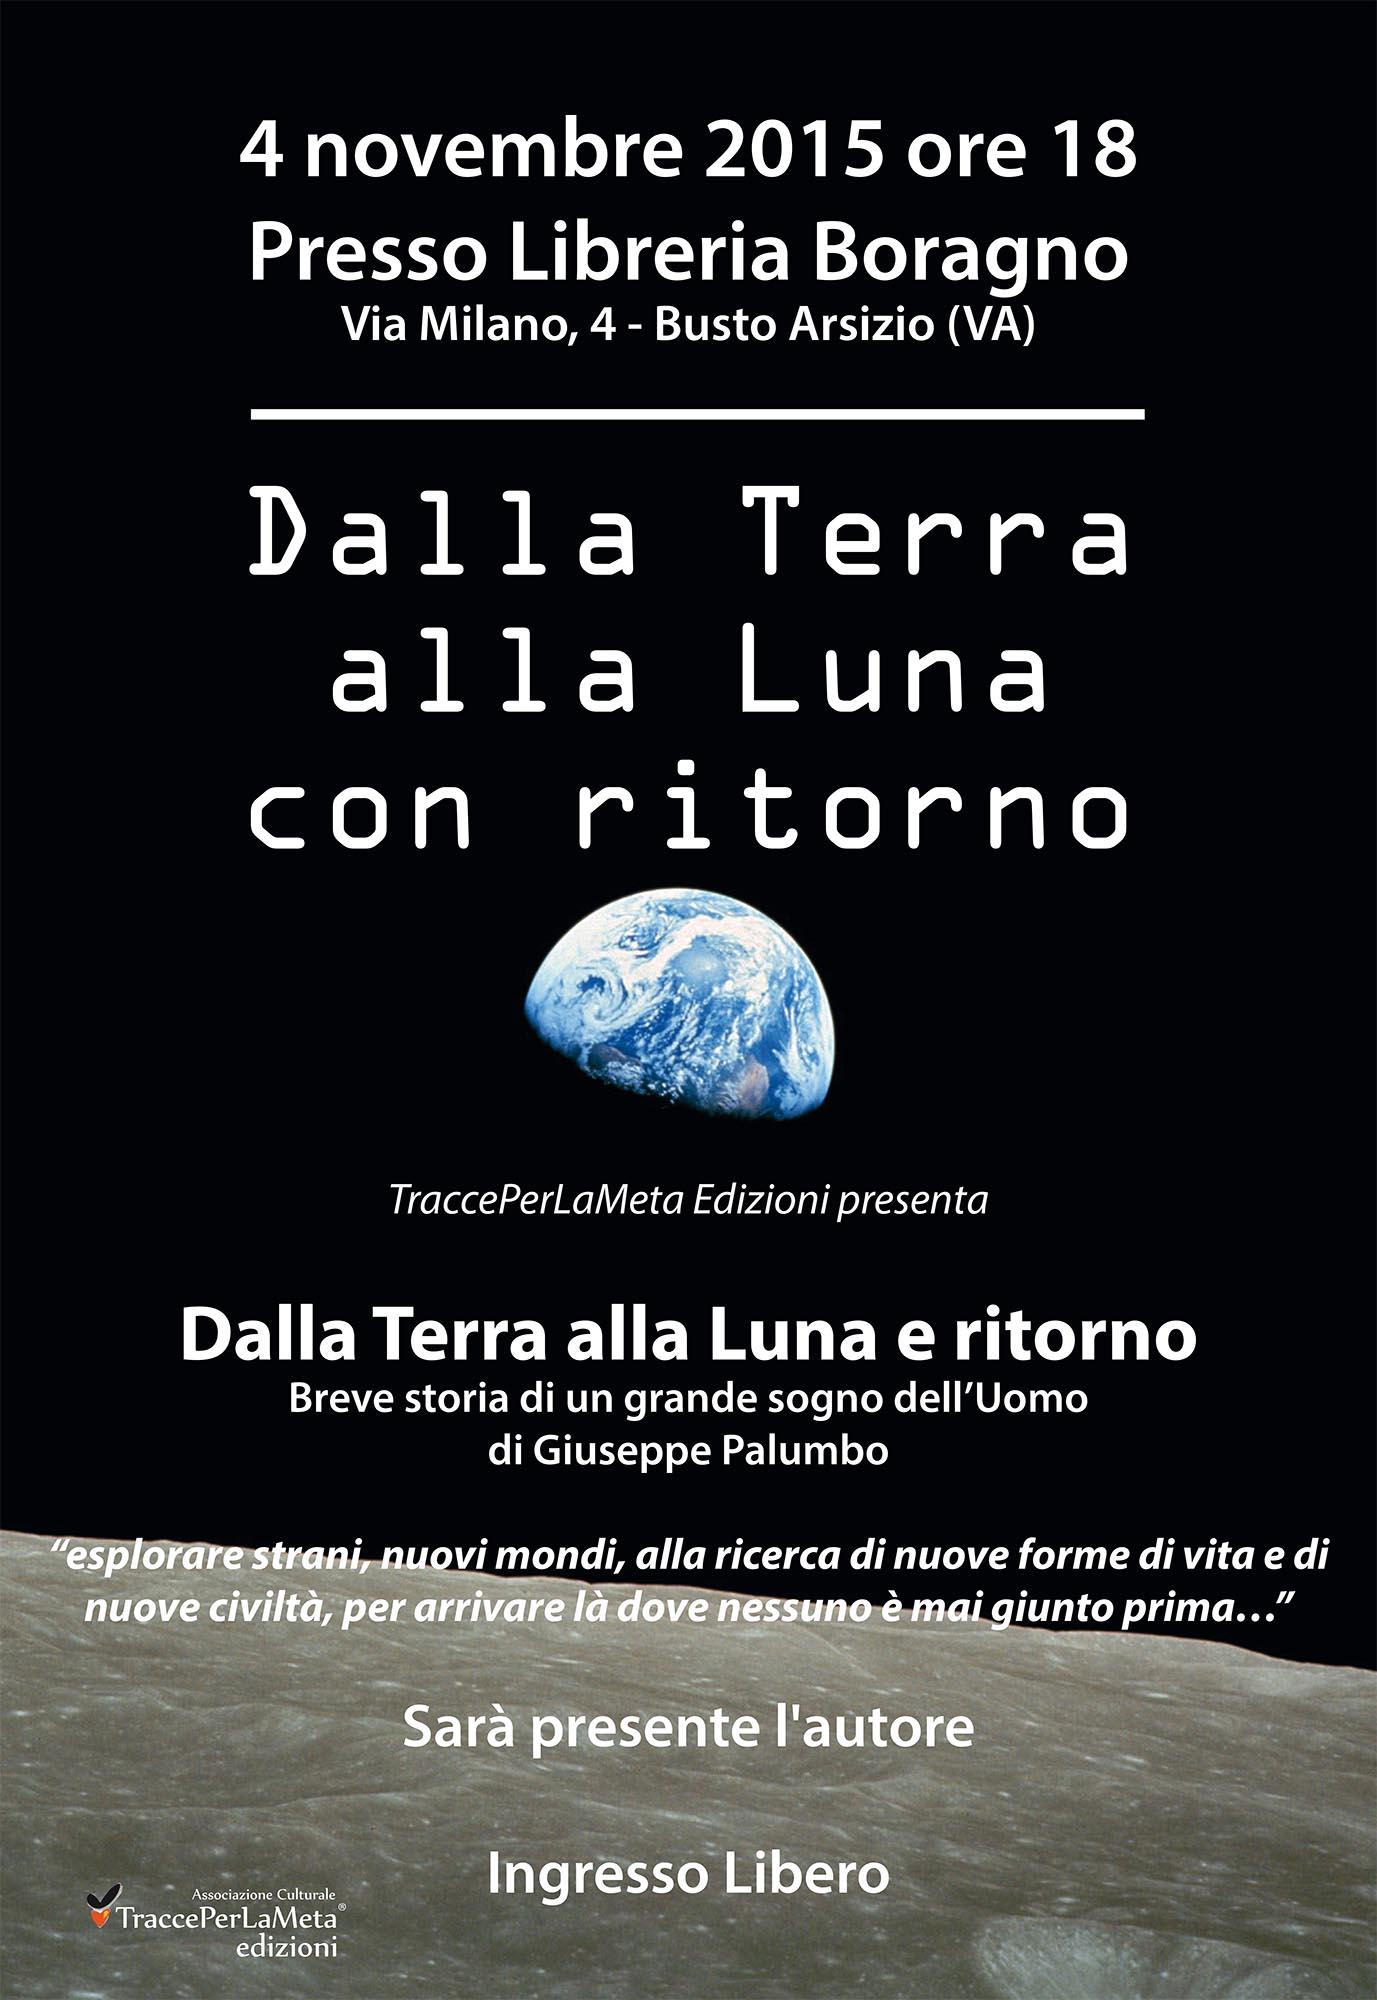 20151104_Locandina-Palumbro-Dalla-Terra-alla-Luna